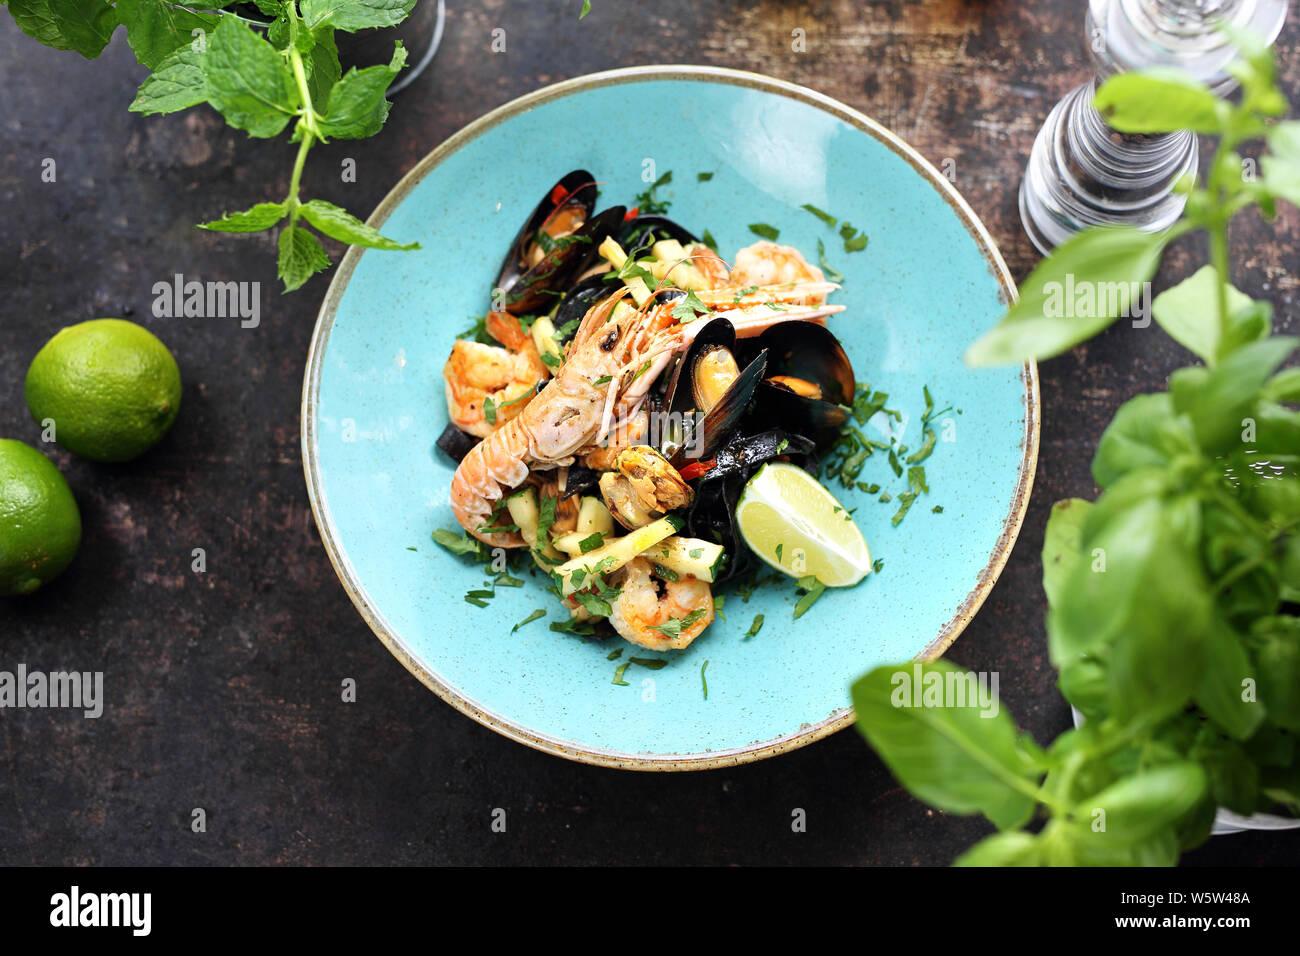 Les pâtes tagliatelle aux fruits de mer, crevettes, moules, langoustines, calamars, avec l'ajout de vin blanc Banque D'Images